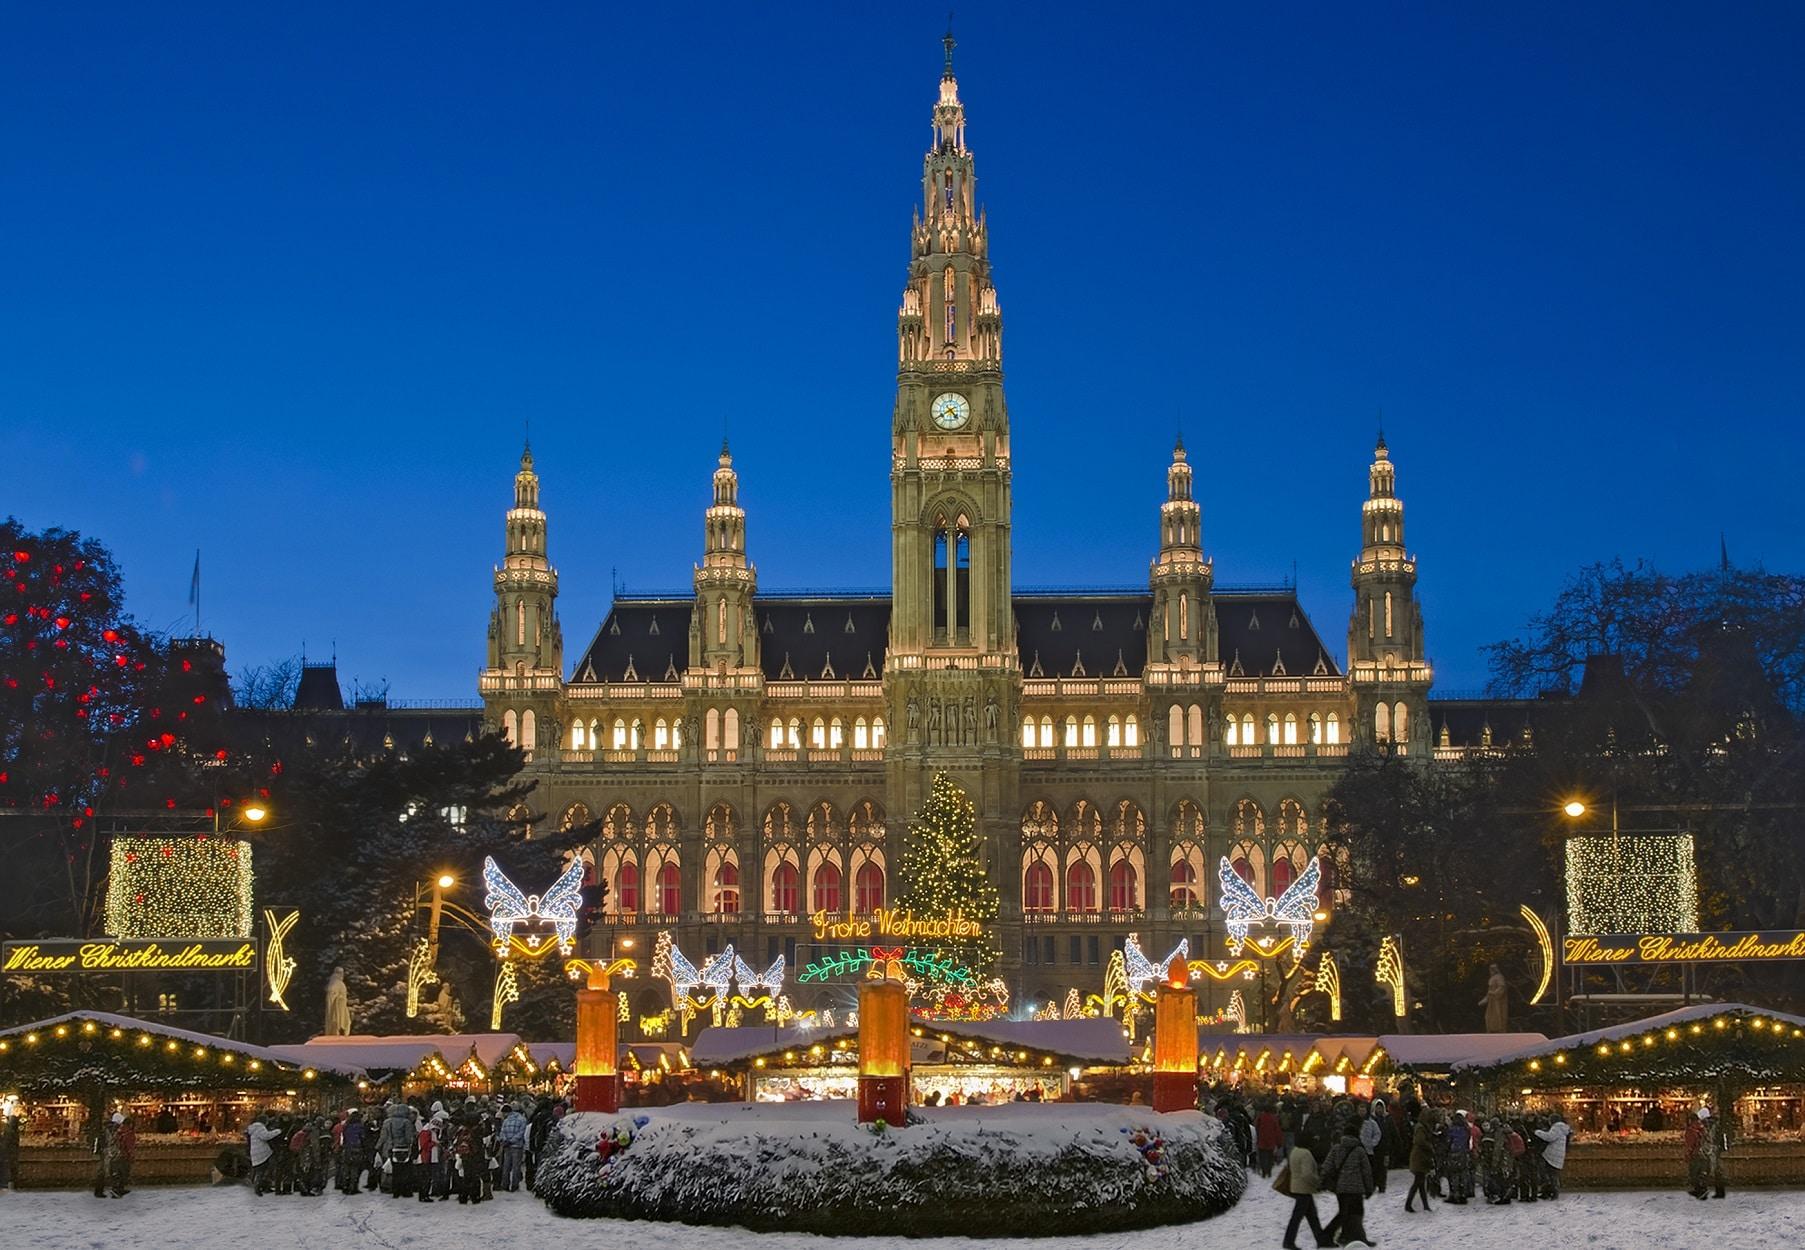 Rathausplatz - Piața de Crăciun din Viena, Austria